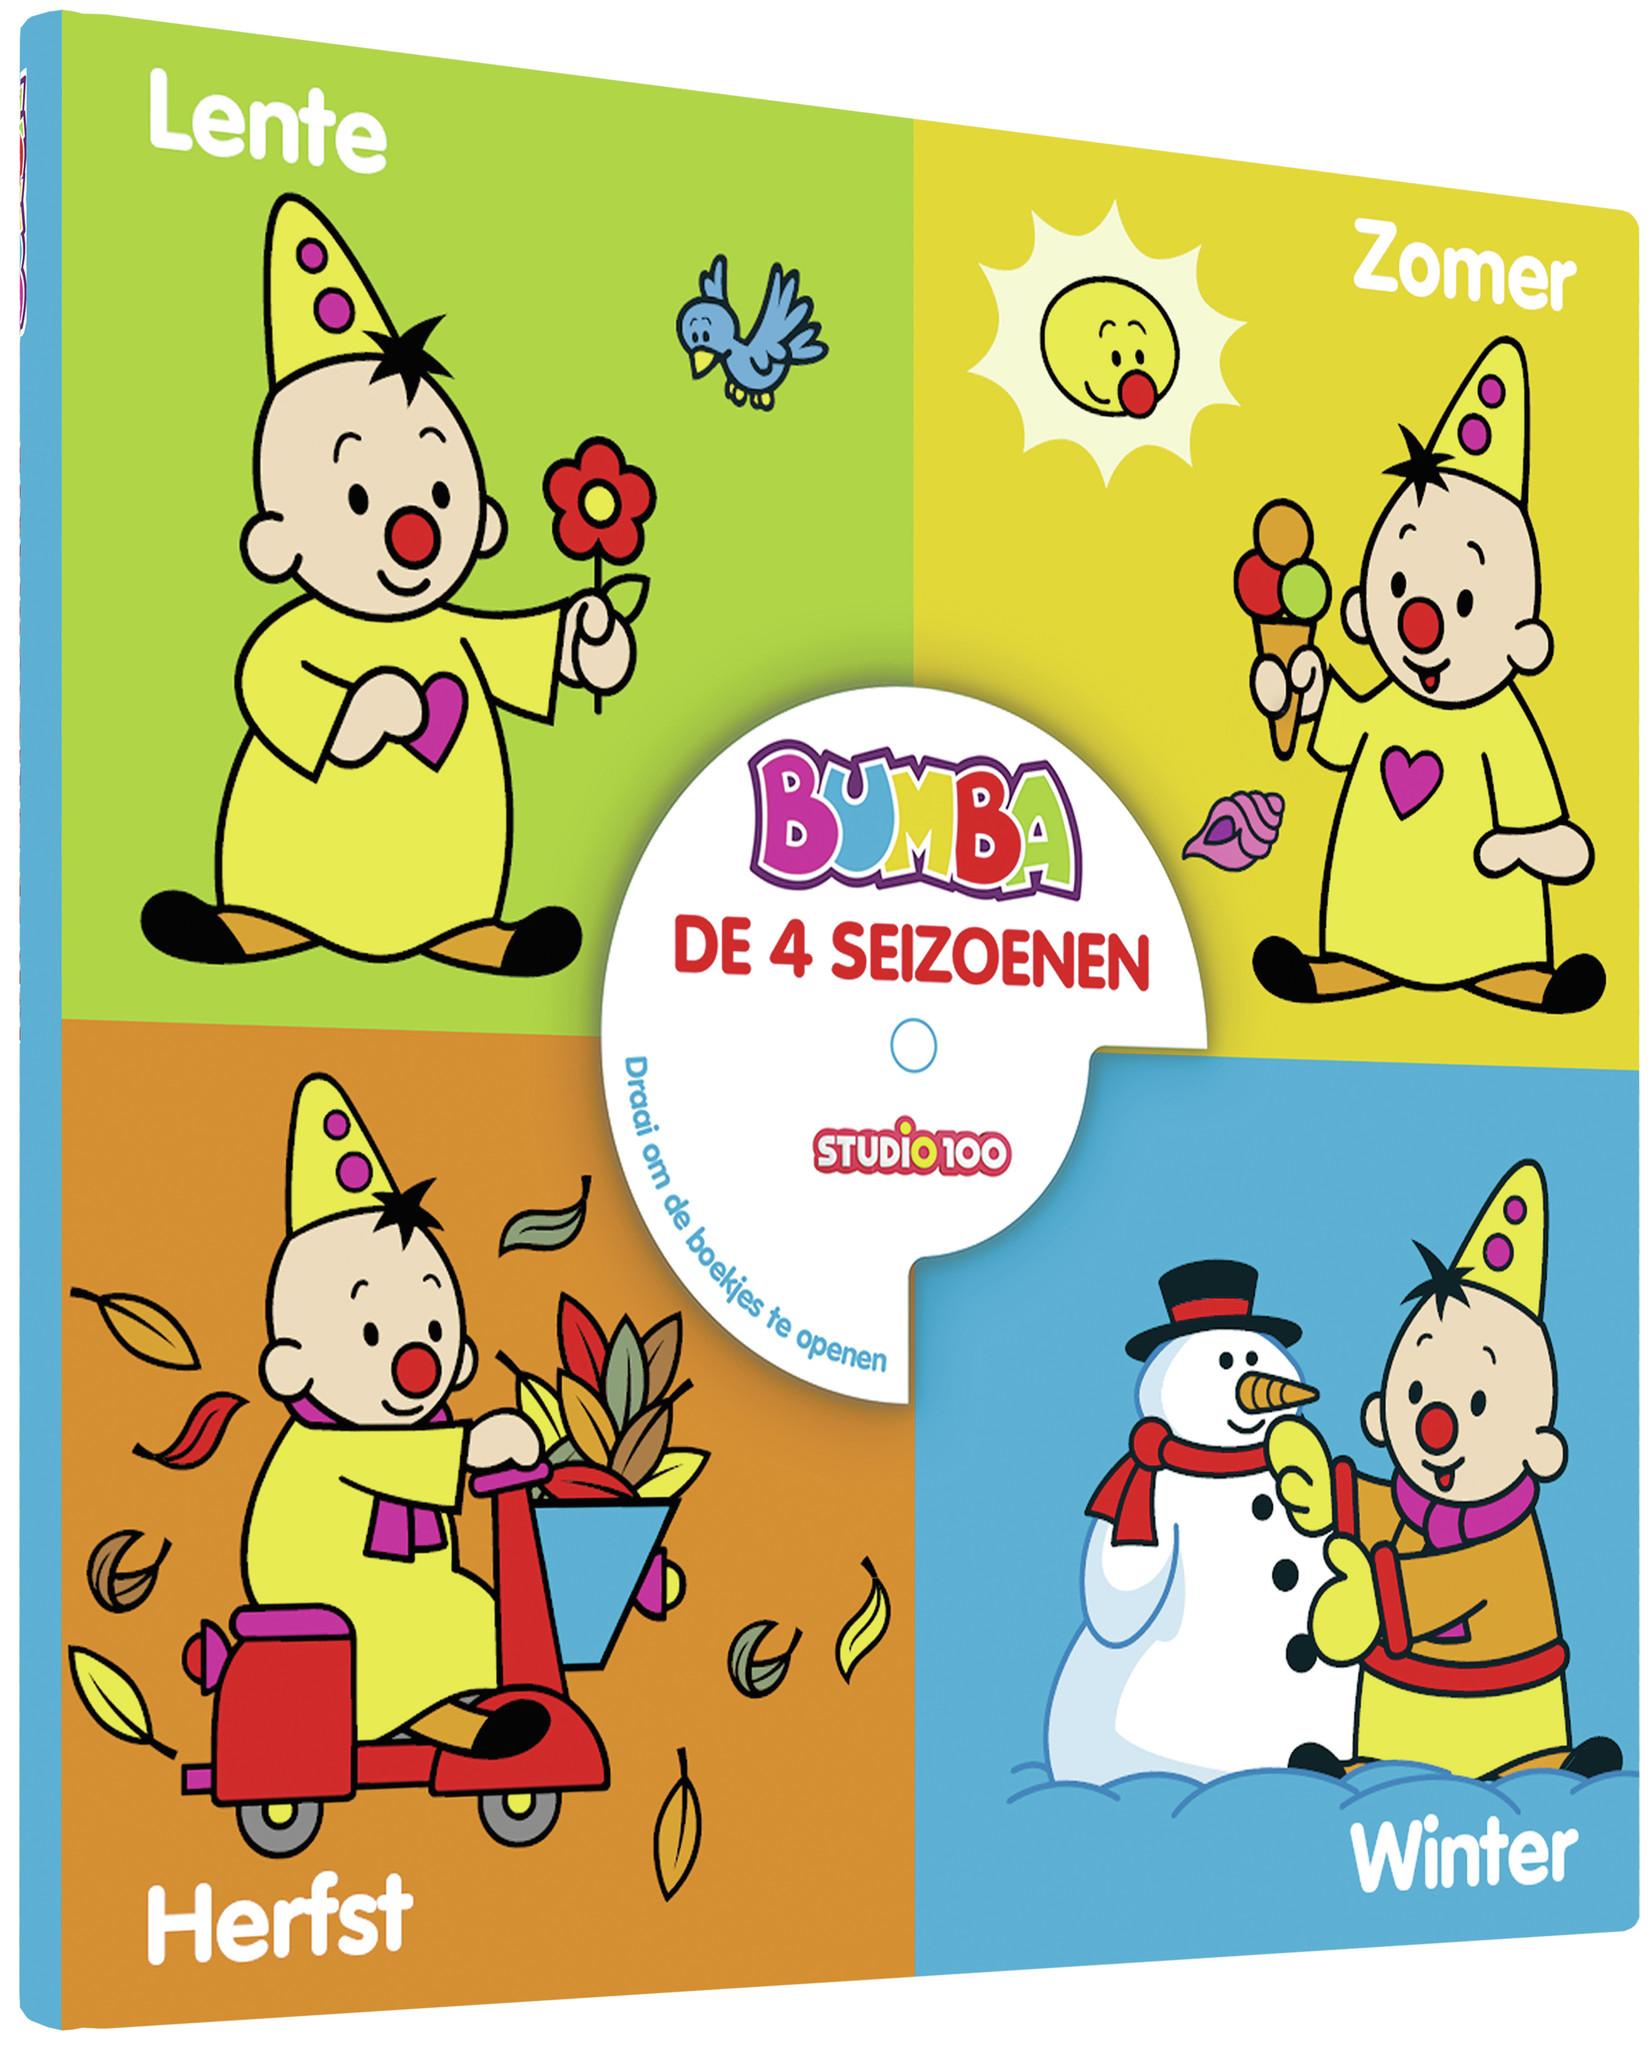 Boek Bumba: De 4 seizoenen